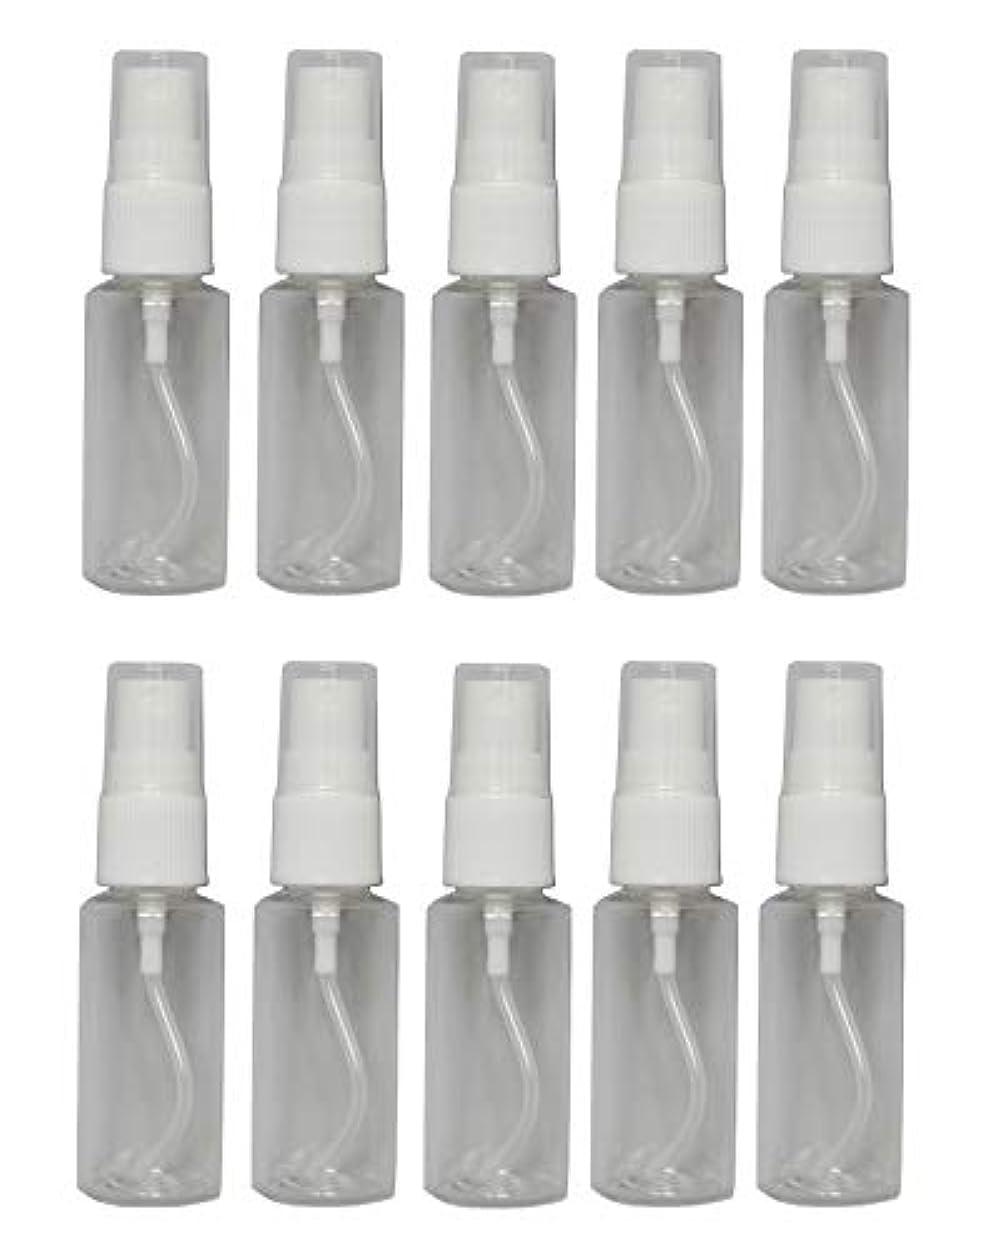 不透明な抑制詩ミニ スプレー 空ボトル 25ml × 10本 セット 空スプレー 詰め替え容器 プラスチック スプレー ボトル 0038